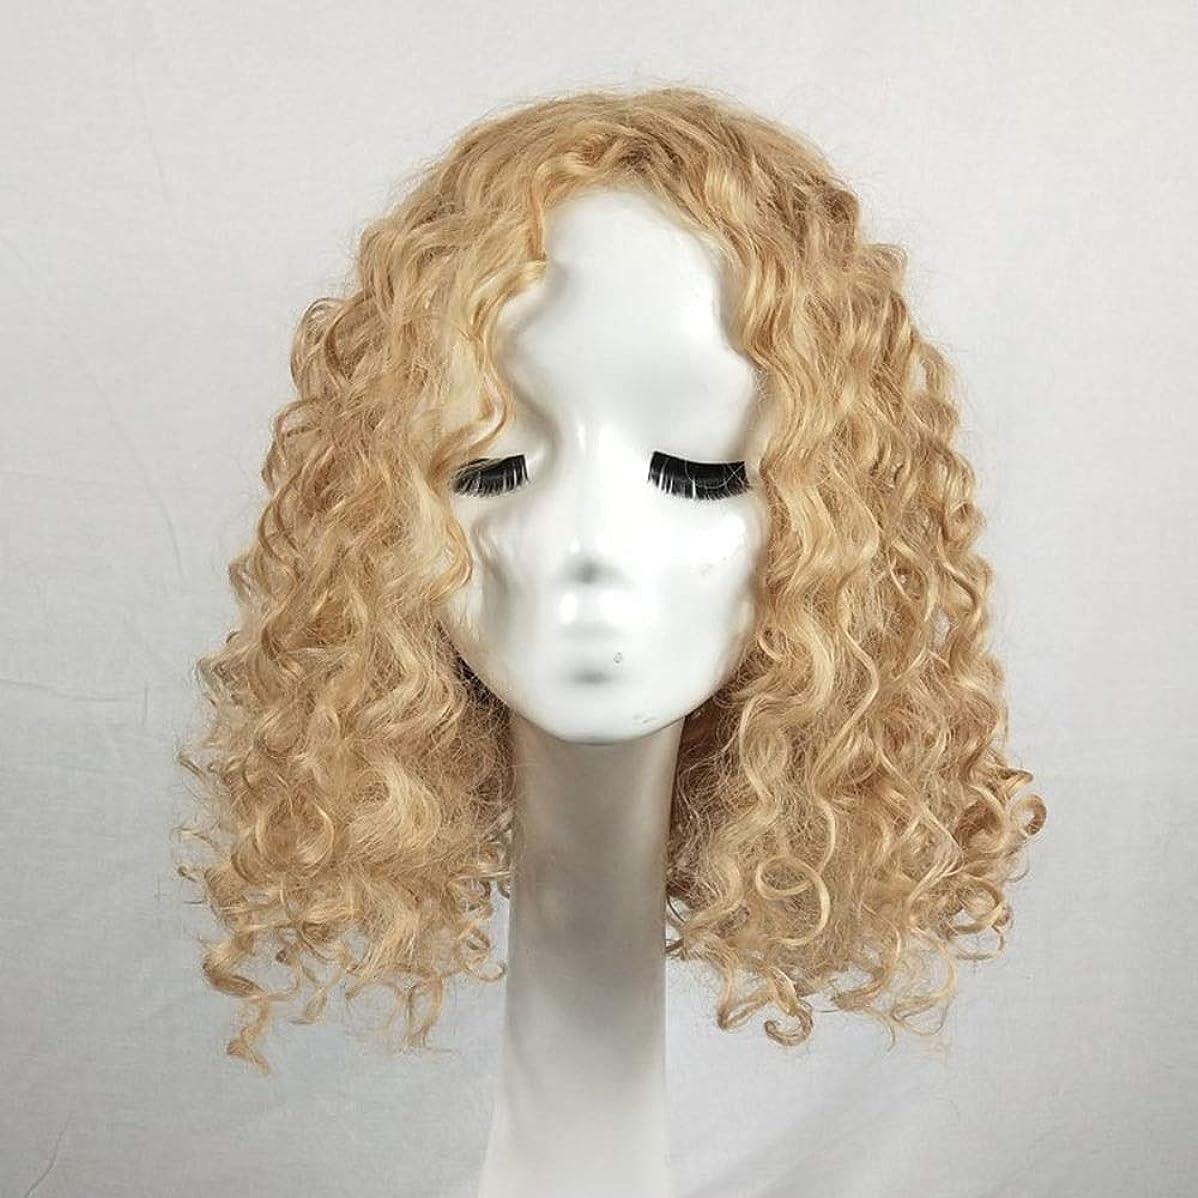 歌う温度浴室Yrattary アフリカの小さな巻き毛の爆発的な頭の繊維素材のかつら女性のファッションの美しさ日常のかつら多色オプションの女性のかつらレースのかつらロールプレイングかつら (色 : Blonde, サイズ : 20 inches)